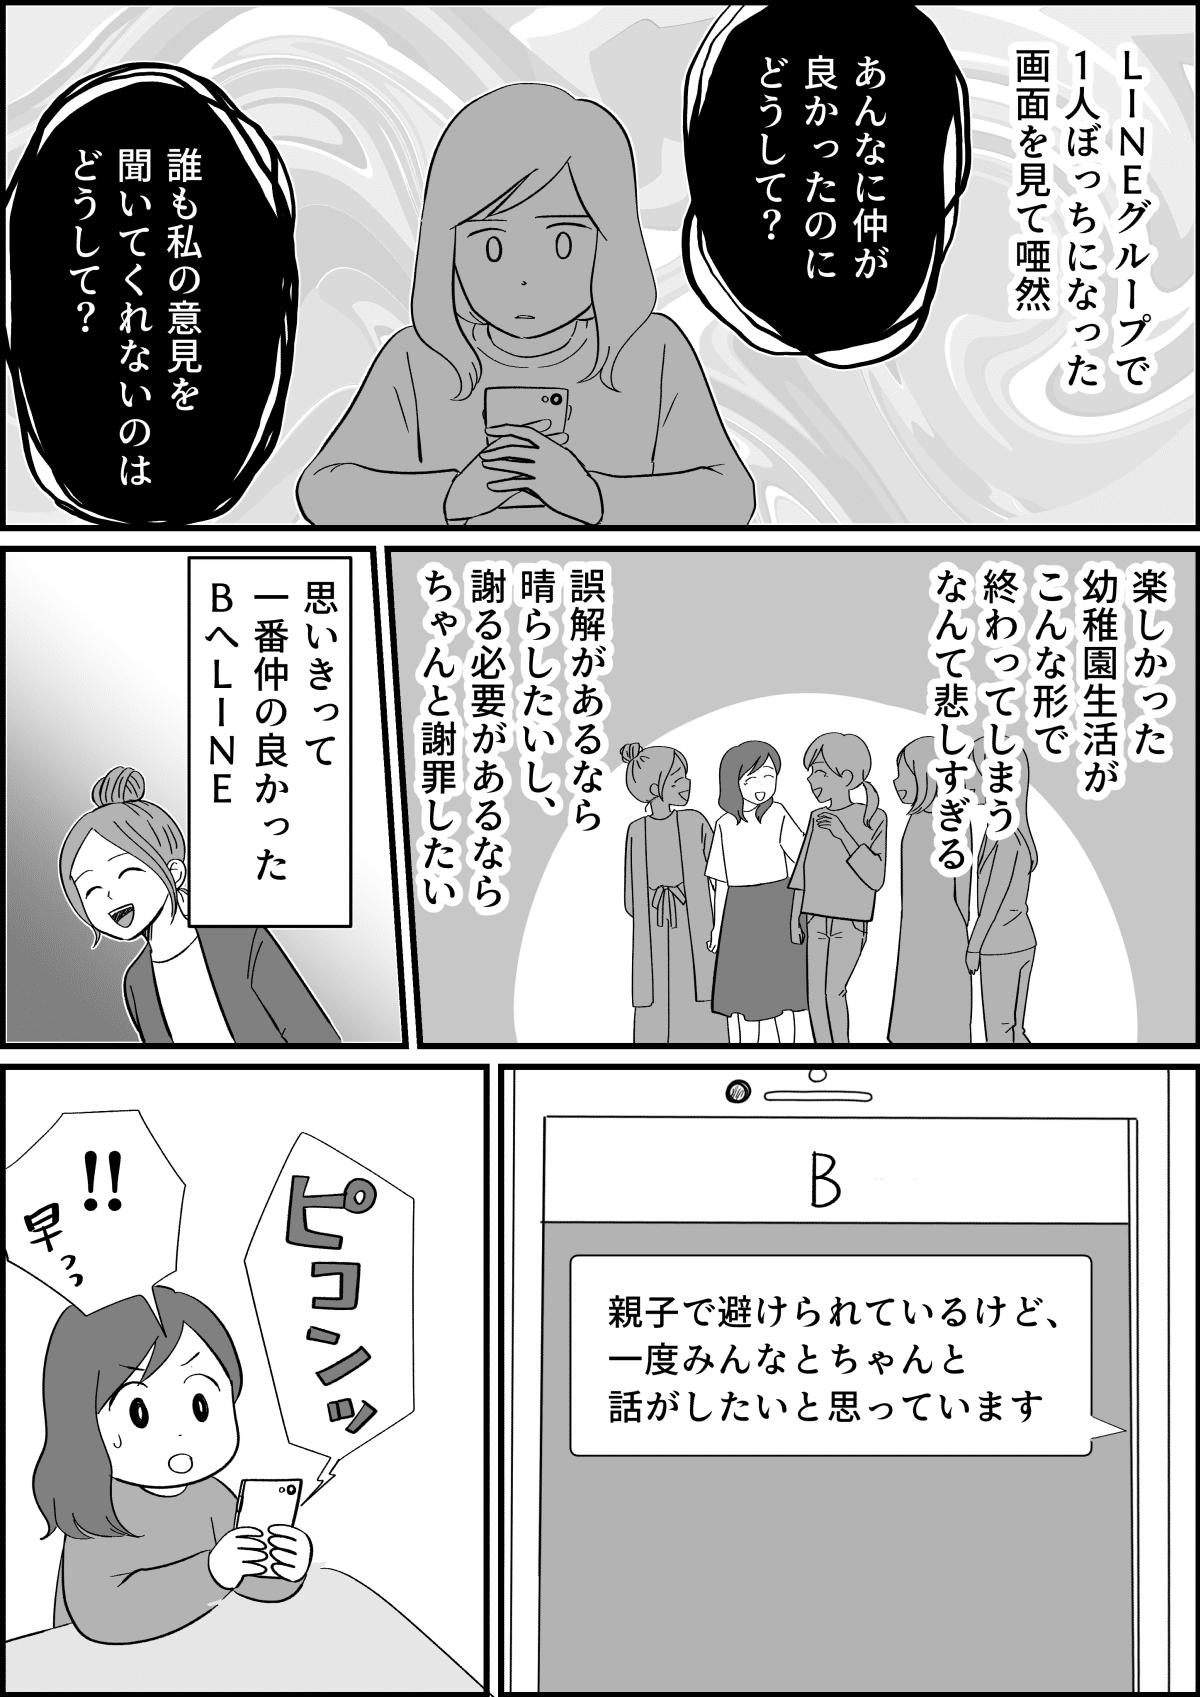 【後編】仲良しのママ友LINEグループから外された!